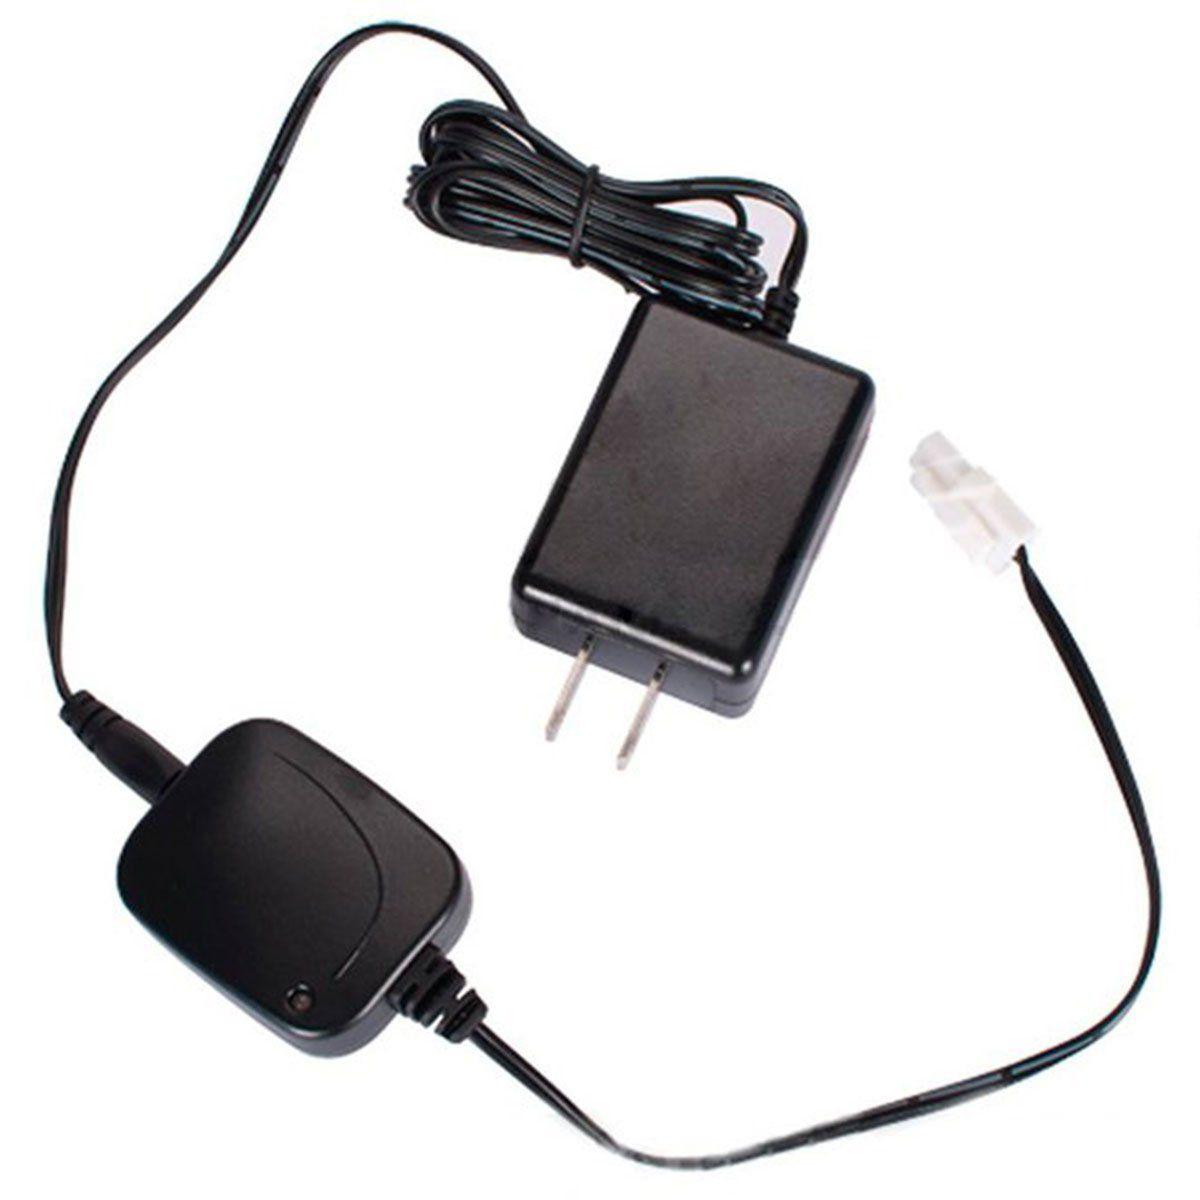 Recarregador de Baterias NiMh Bivolt G&G com LED p/ aviso de carga